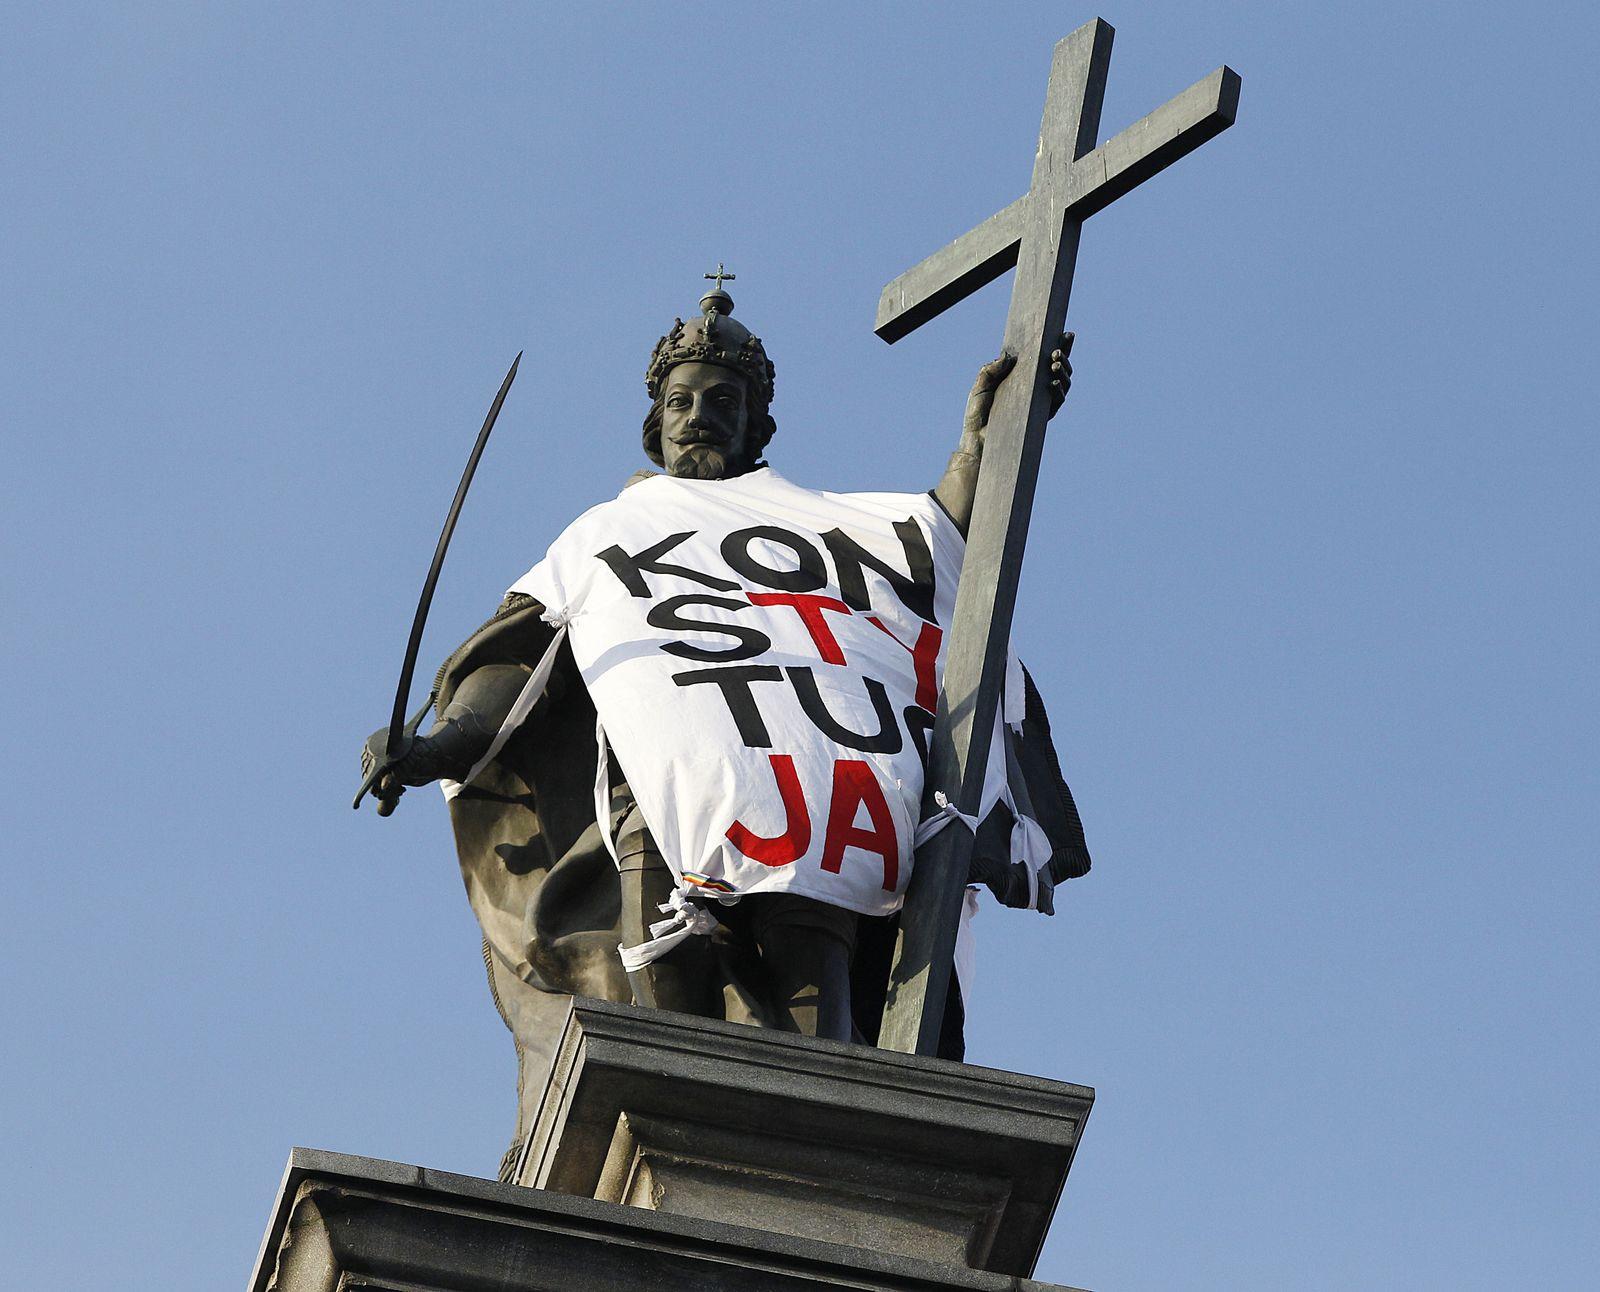 Verfassungsexperten besorgt über polnische Justizreform